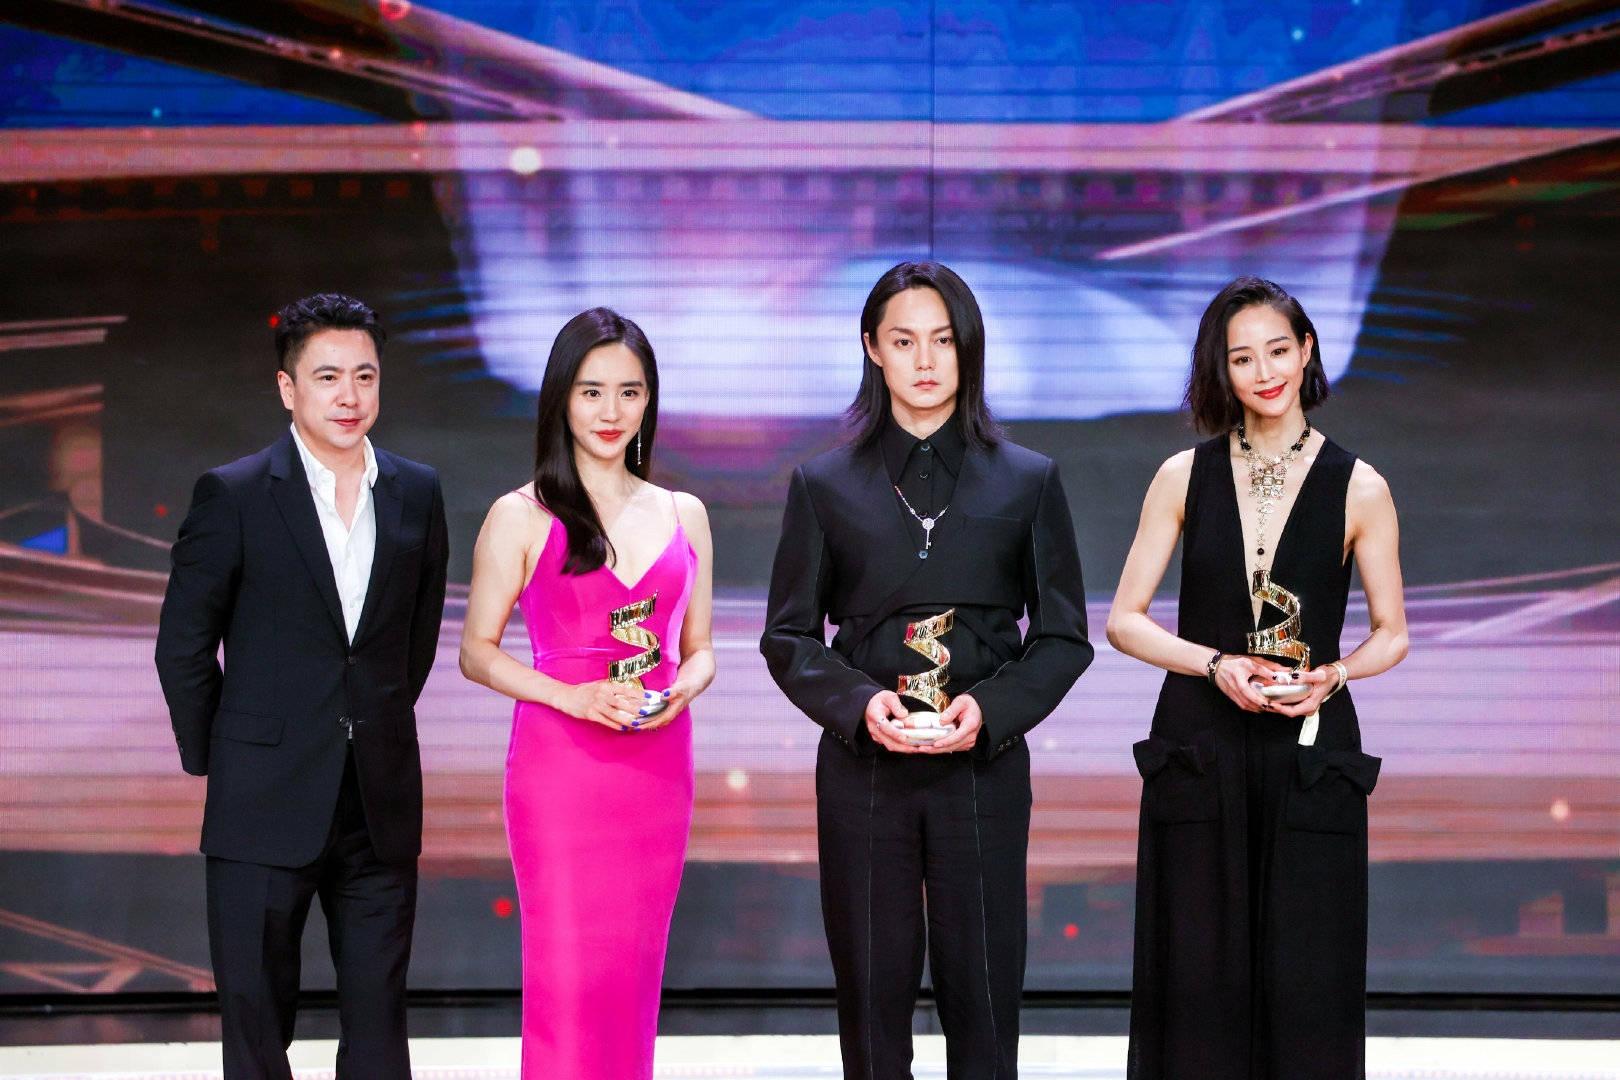 Từ phải qua: Diễn viên Trương Quân Ninh, Doãn Chính, Vương Trí nhận cúp Diễn viên tiến bộ của năm.